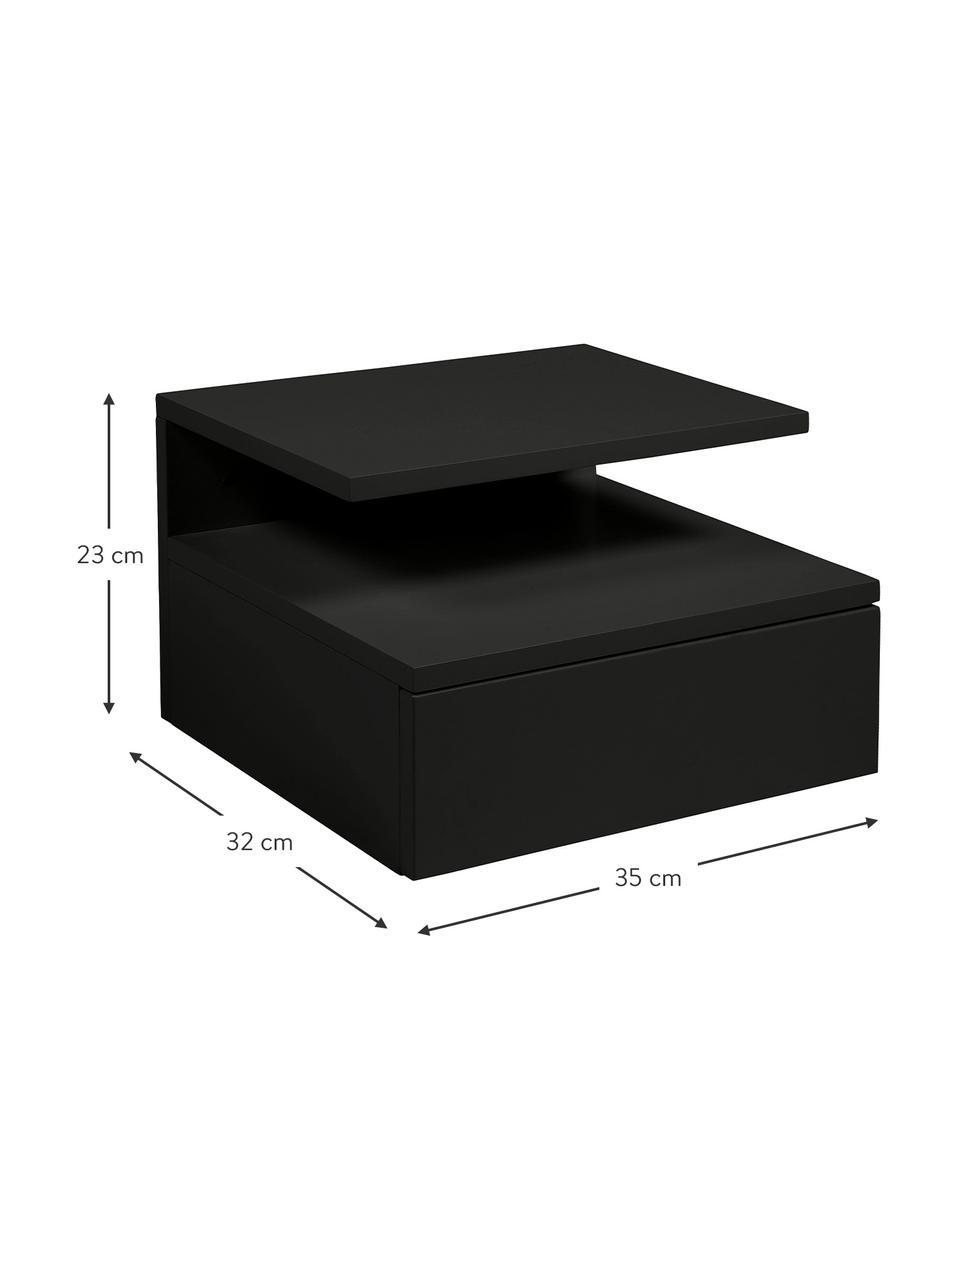 Ścienna szafka nocna z szufladą Ashlan, Lakierowana płyta pilśniowa średniej gęstości (MDF), Czarny, S 35 x W 23 cm